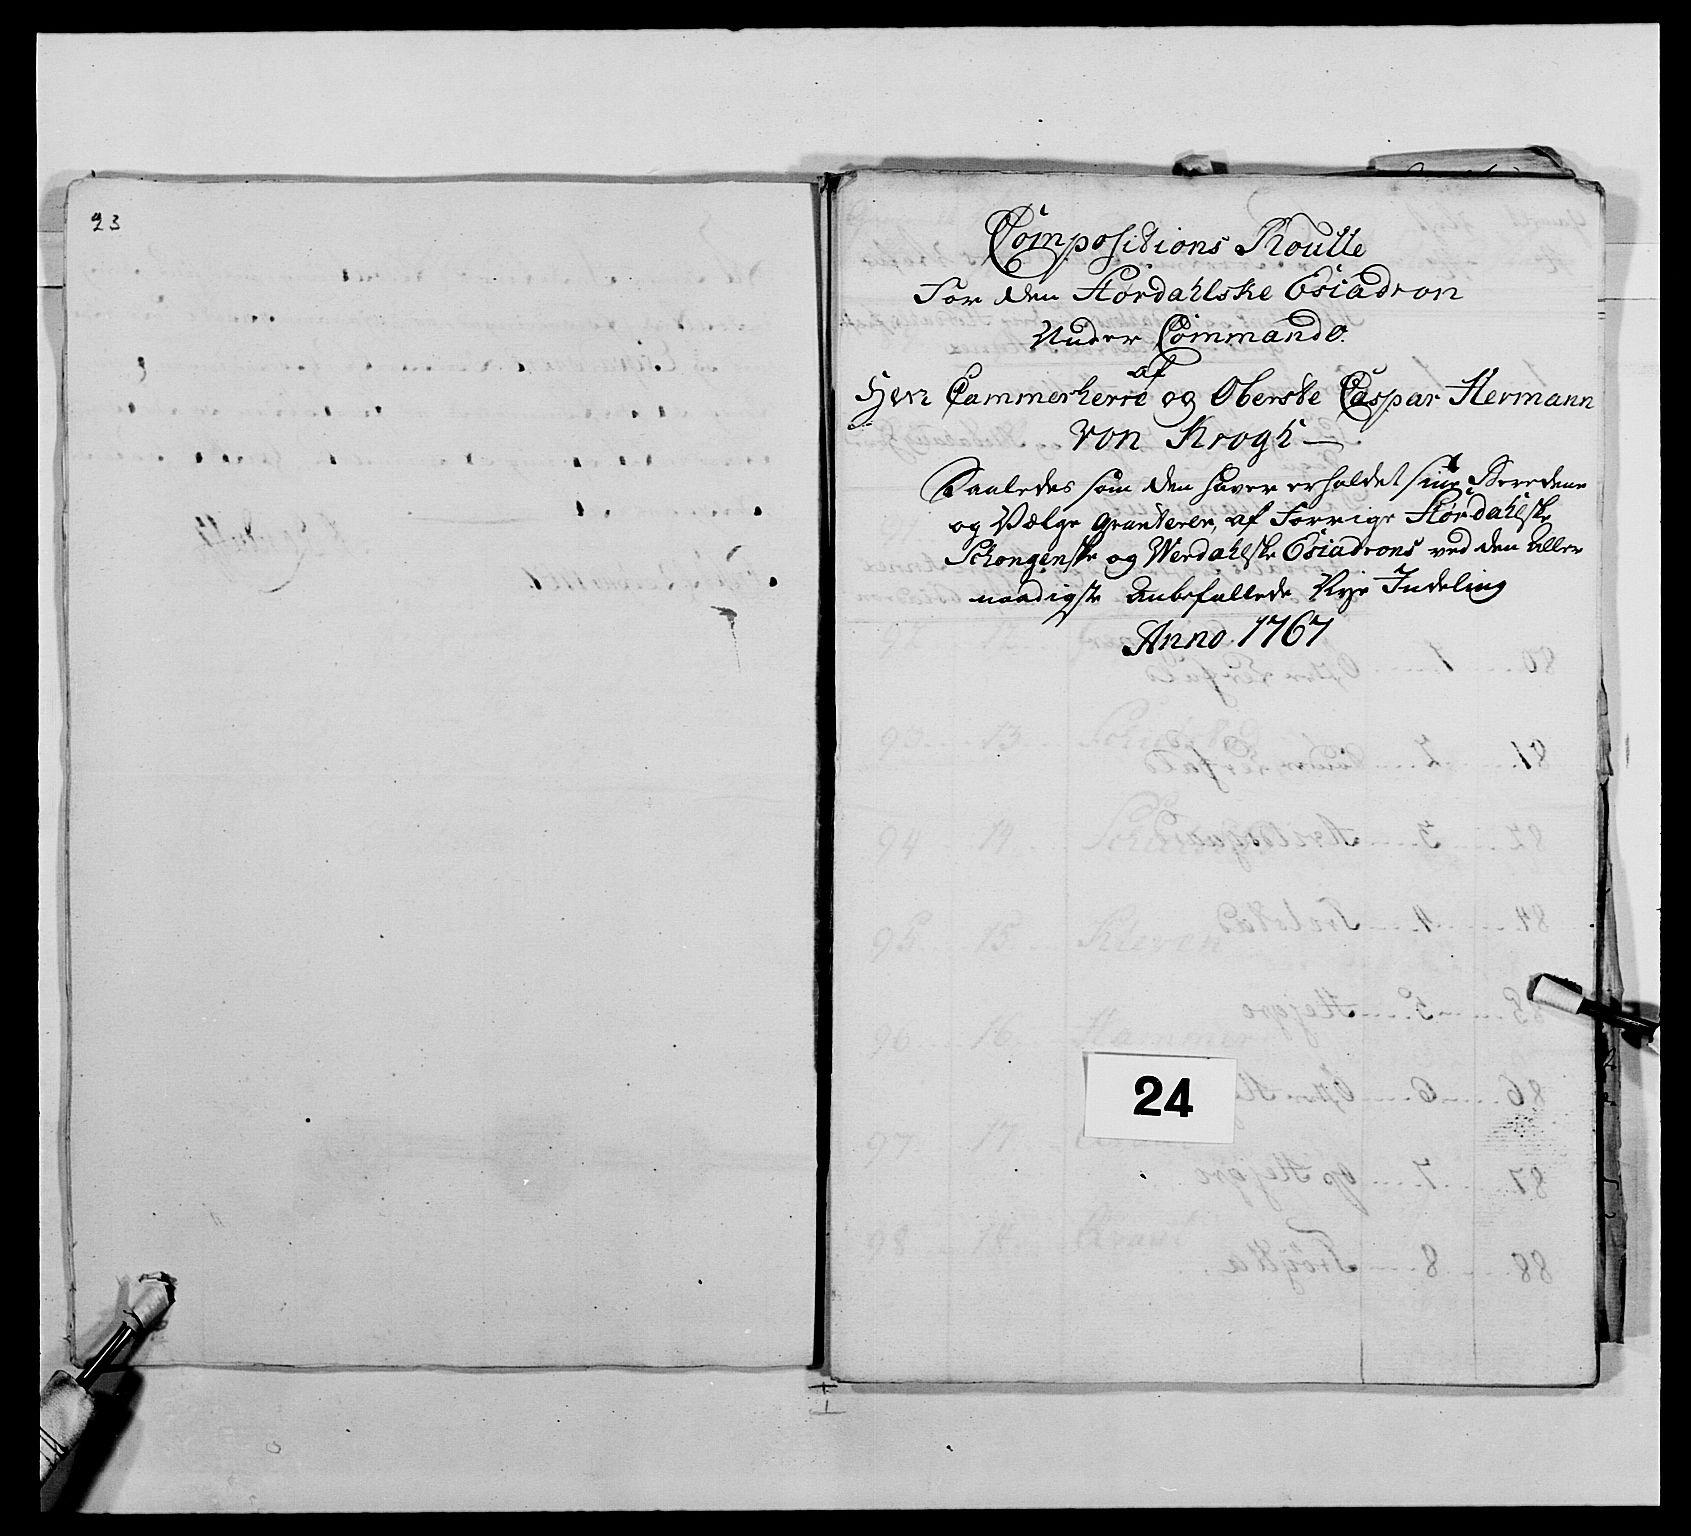 RA, Kommanderende general (KG I) med Det norske krigsdirektorium, E/Ea/L0483: Nordafjelske dragonregiment, 1765-1767, s. 613